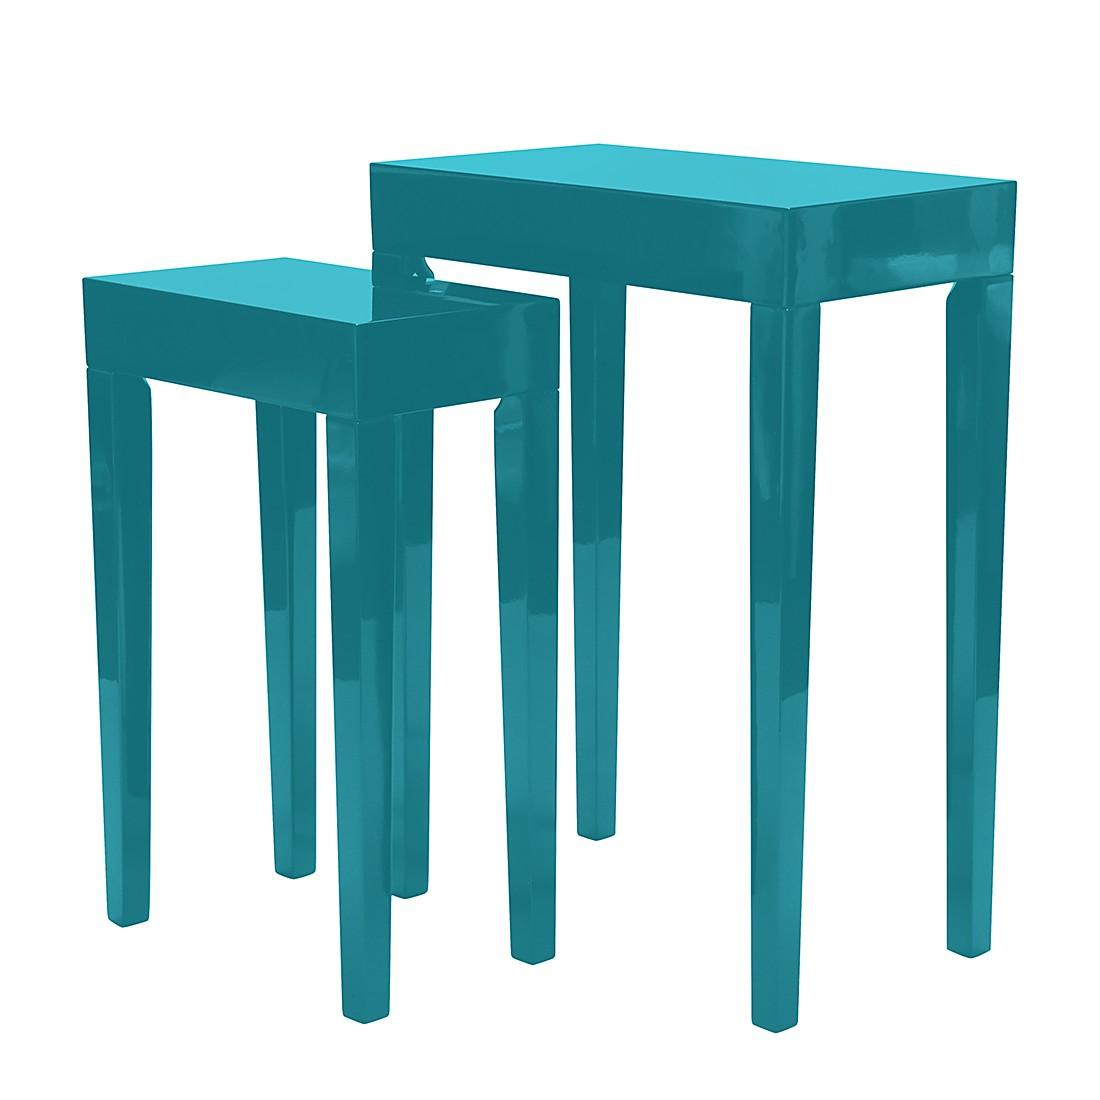 beistelltisch hochglanz preisvergleich die besten angebote online kaufen. Black Bedroom Furniture Sets. Home Design Ideas